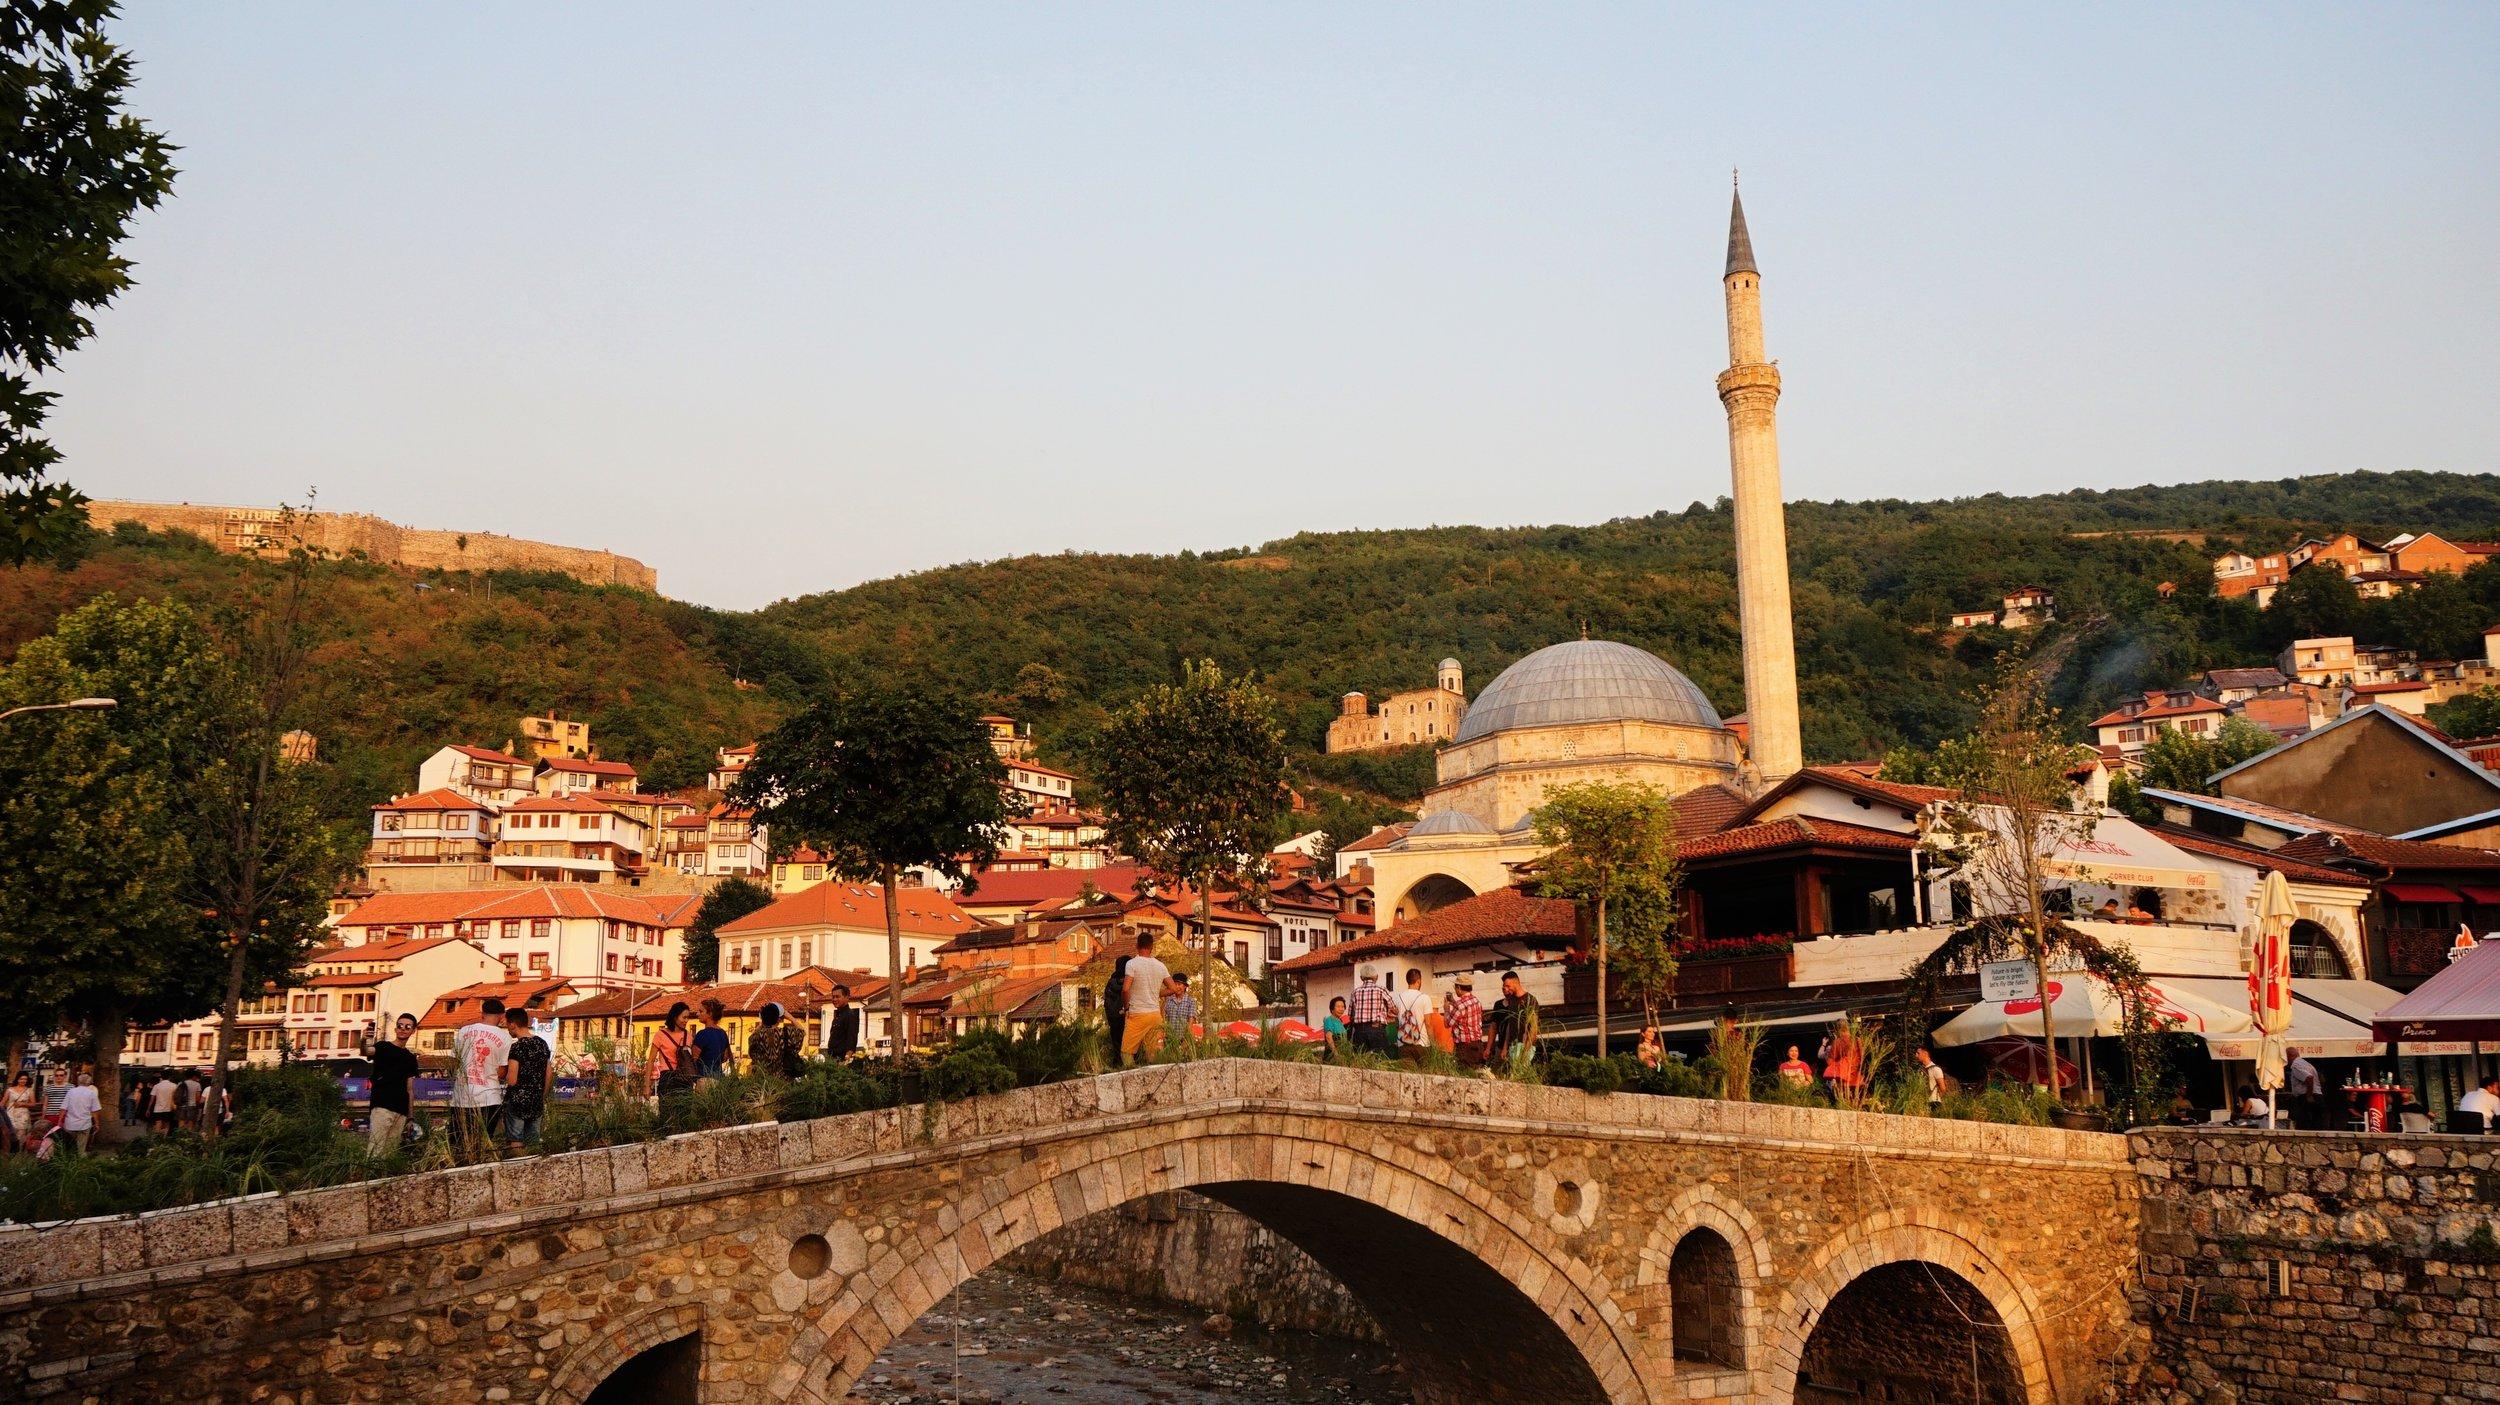 The bridge in Prizren, Kosovo is a top attraction in Kosovo